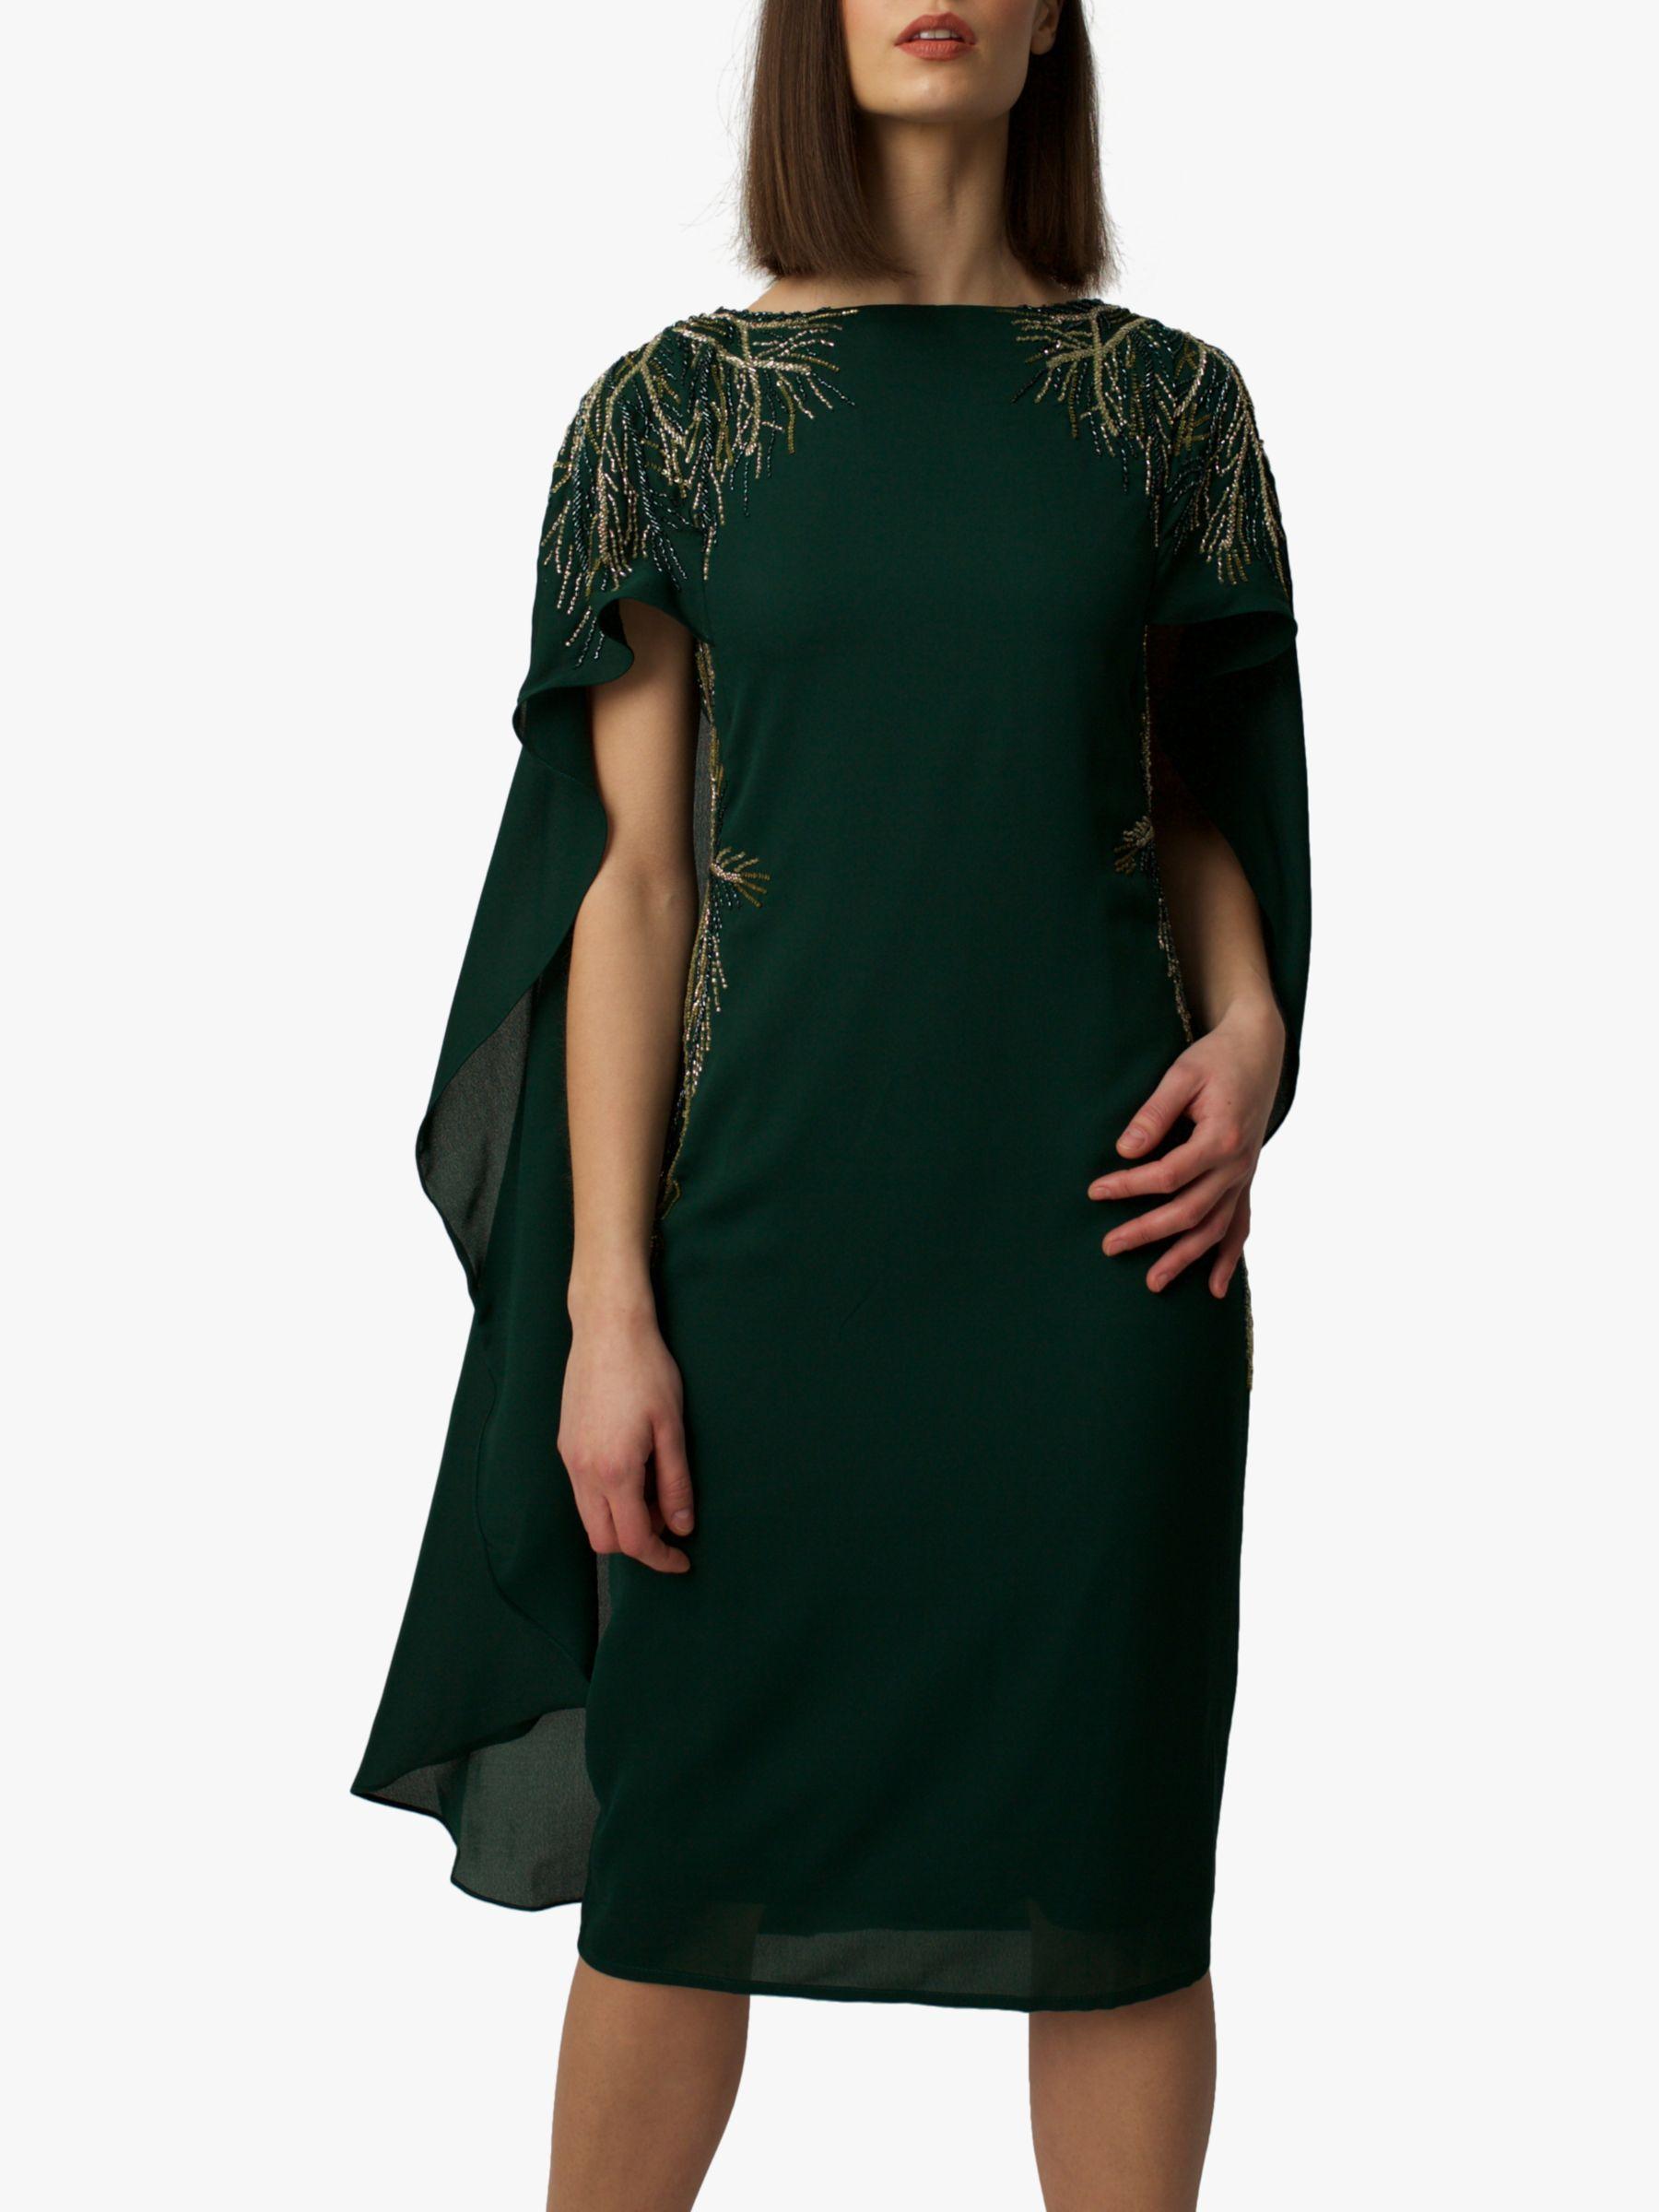 RAISHMA Raishma Cape Dress, Green